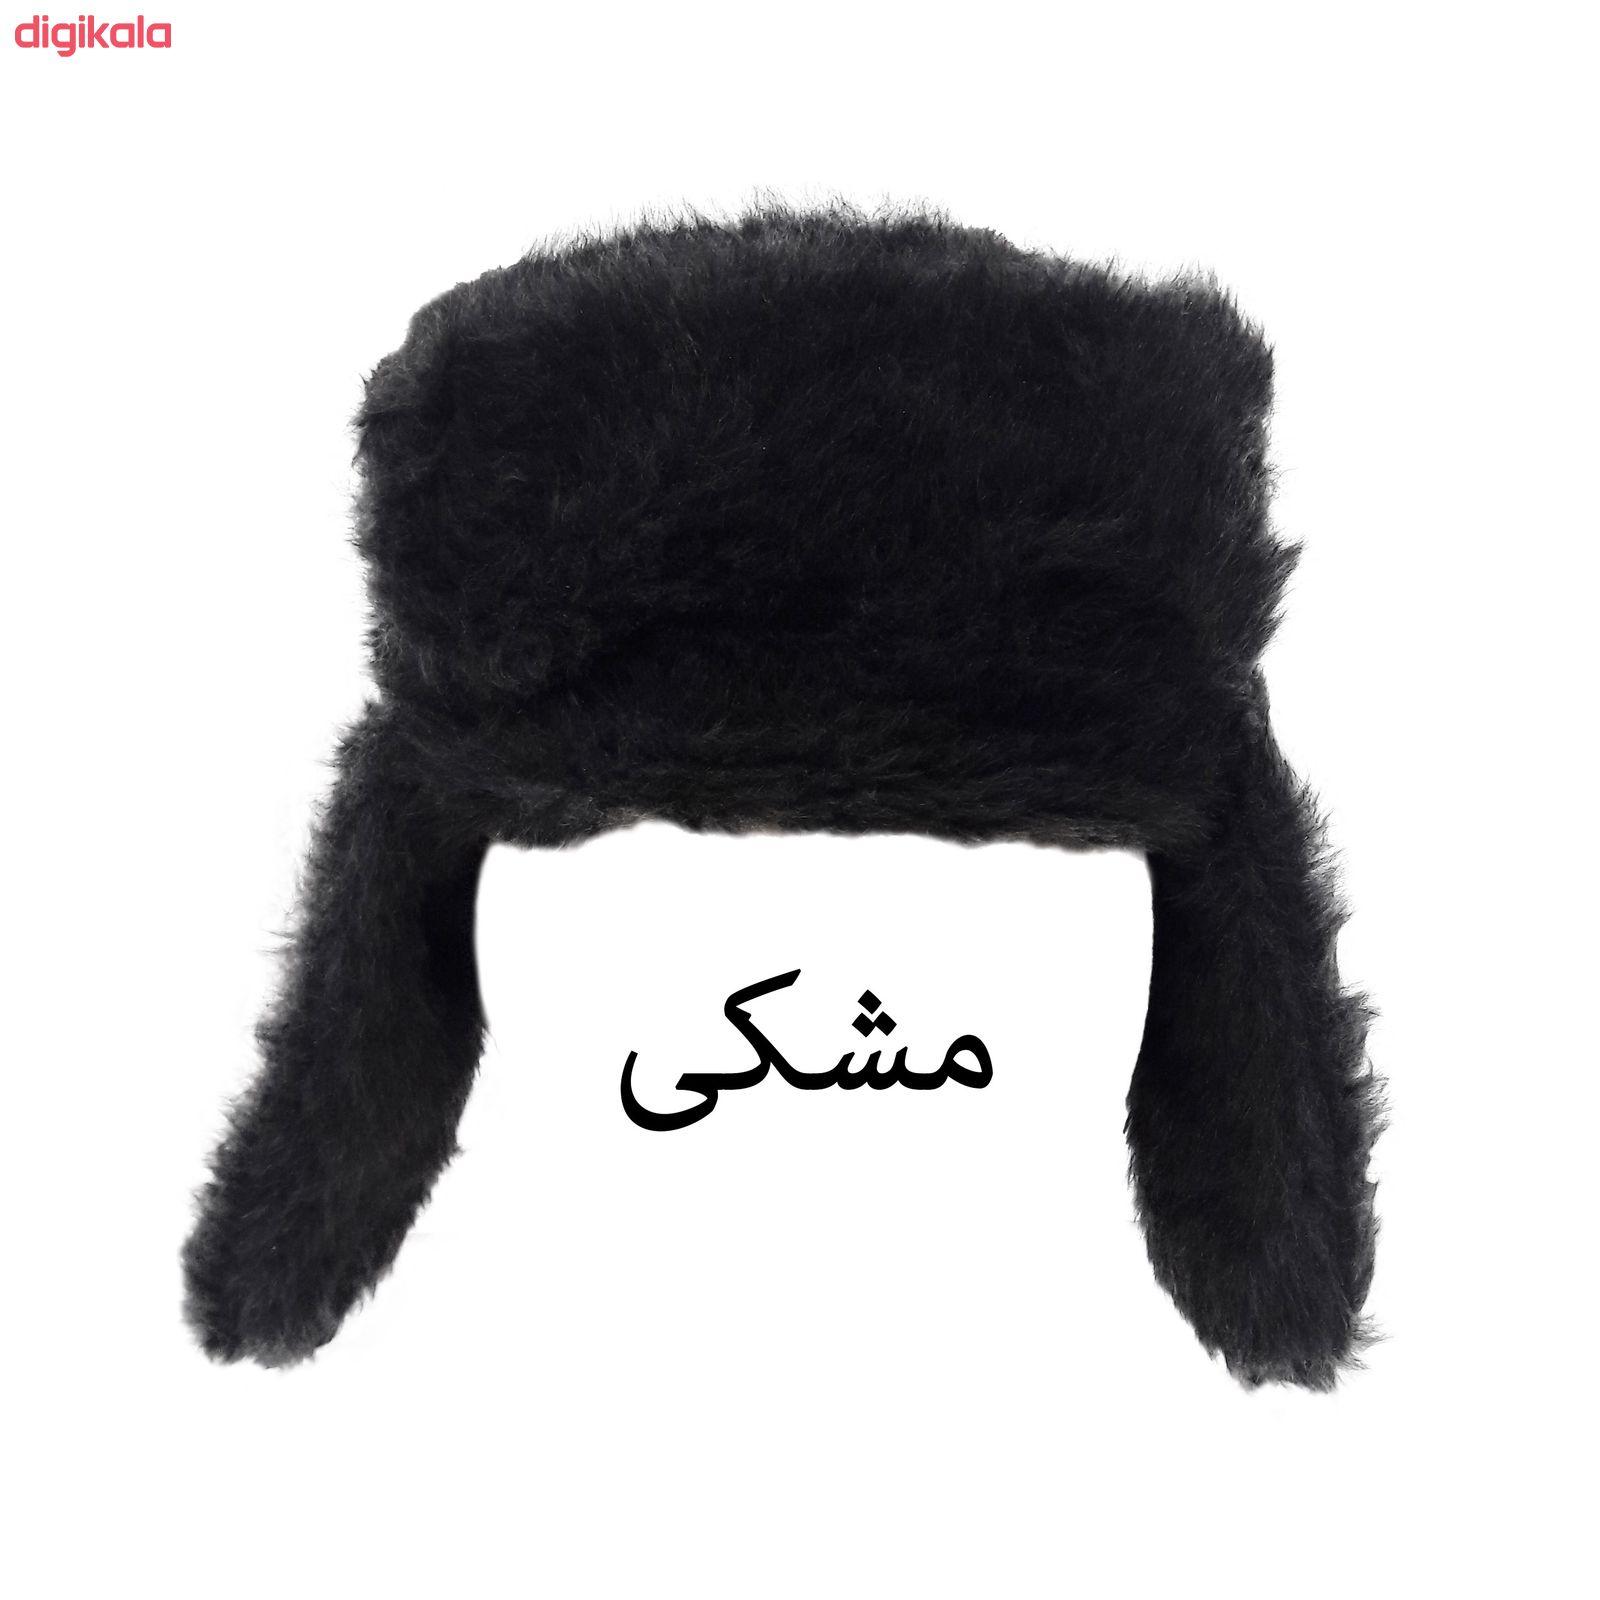 کلاه  مردانه  کد  6870 main 1 3